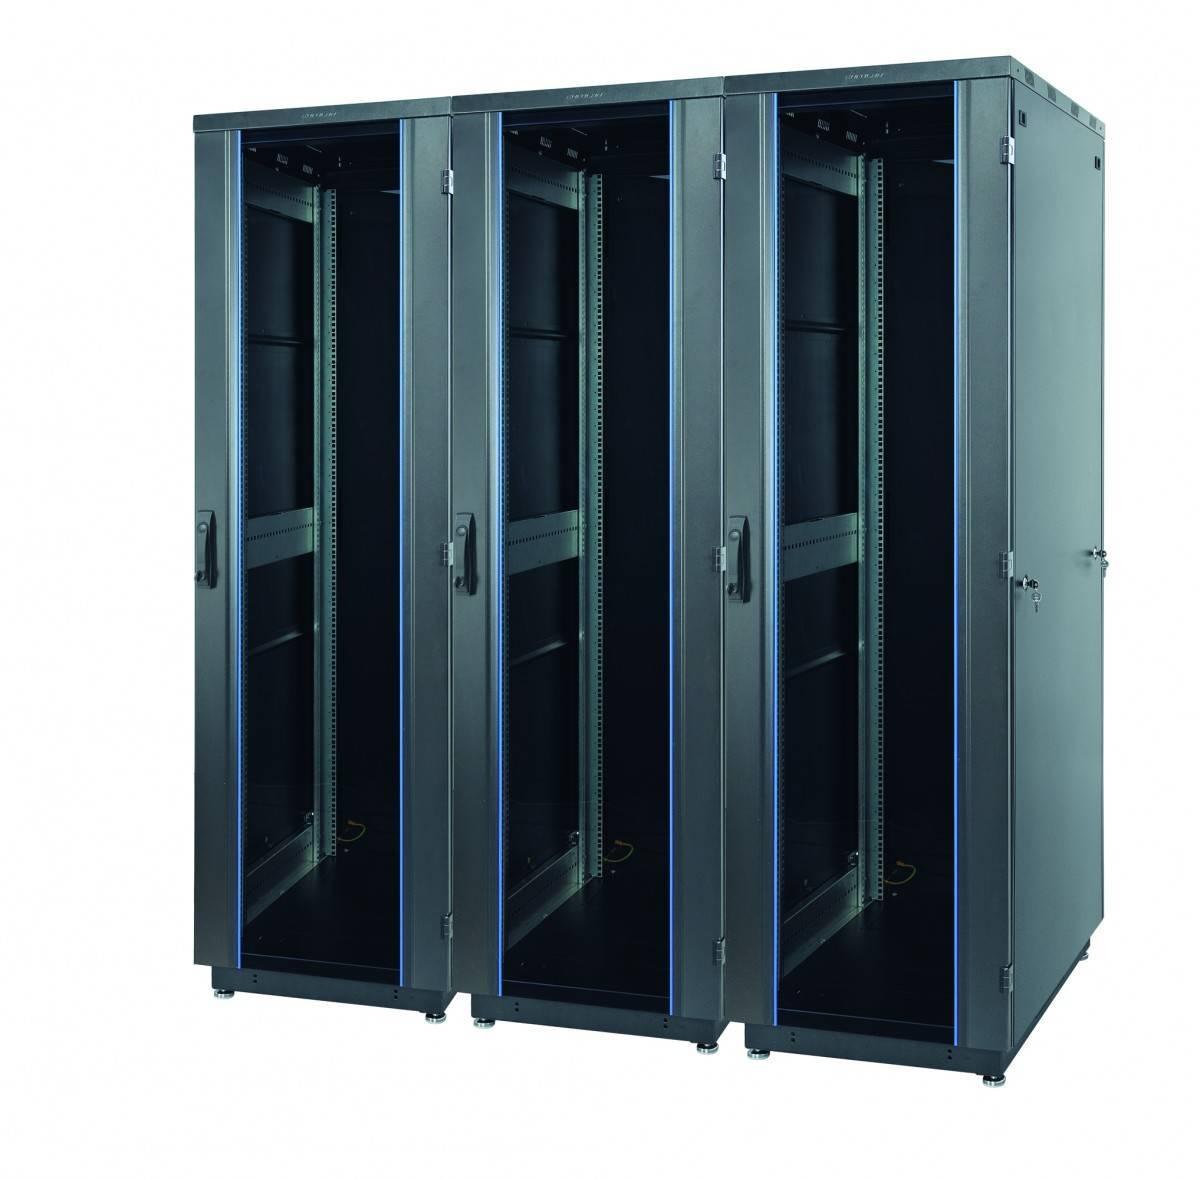 Шкаф телекоммуникационный напольный 19 дюймов Eurolan 60F-33-68-31BL